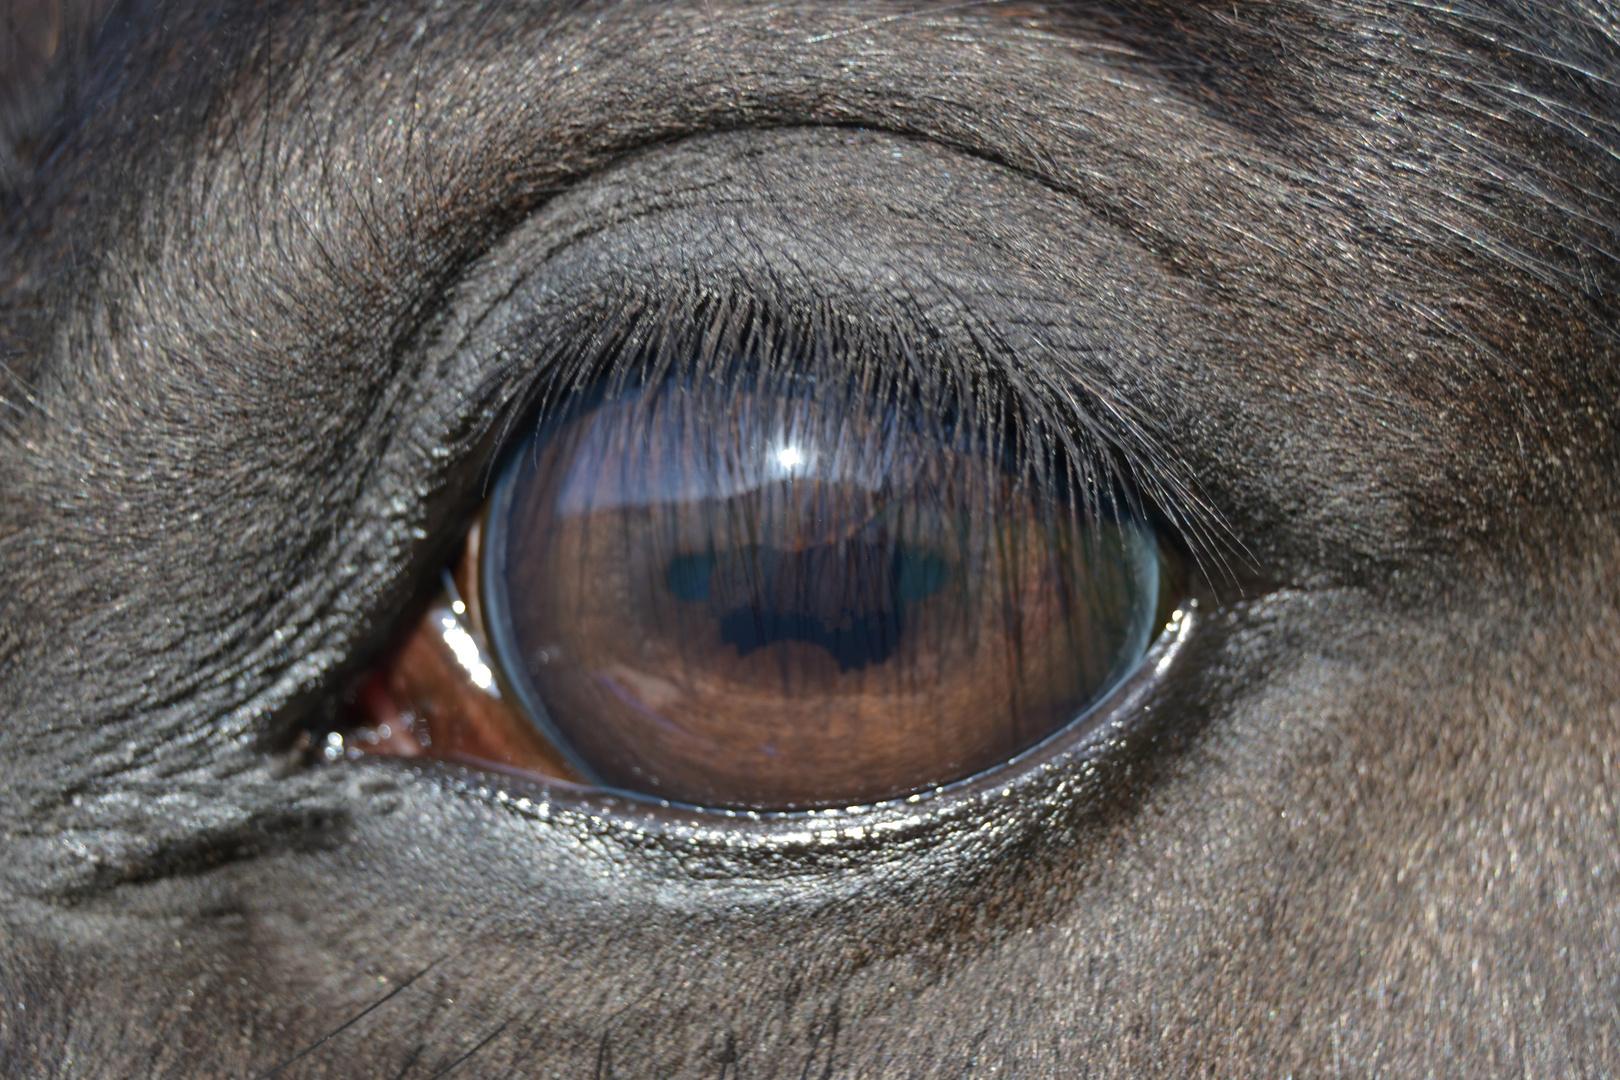 Ein blick in die Seele des Pferdes